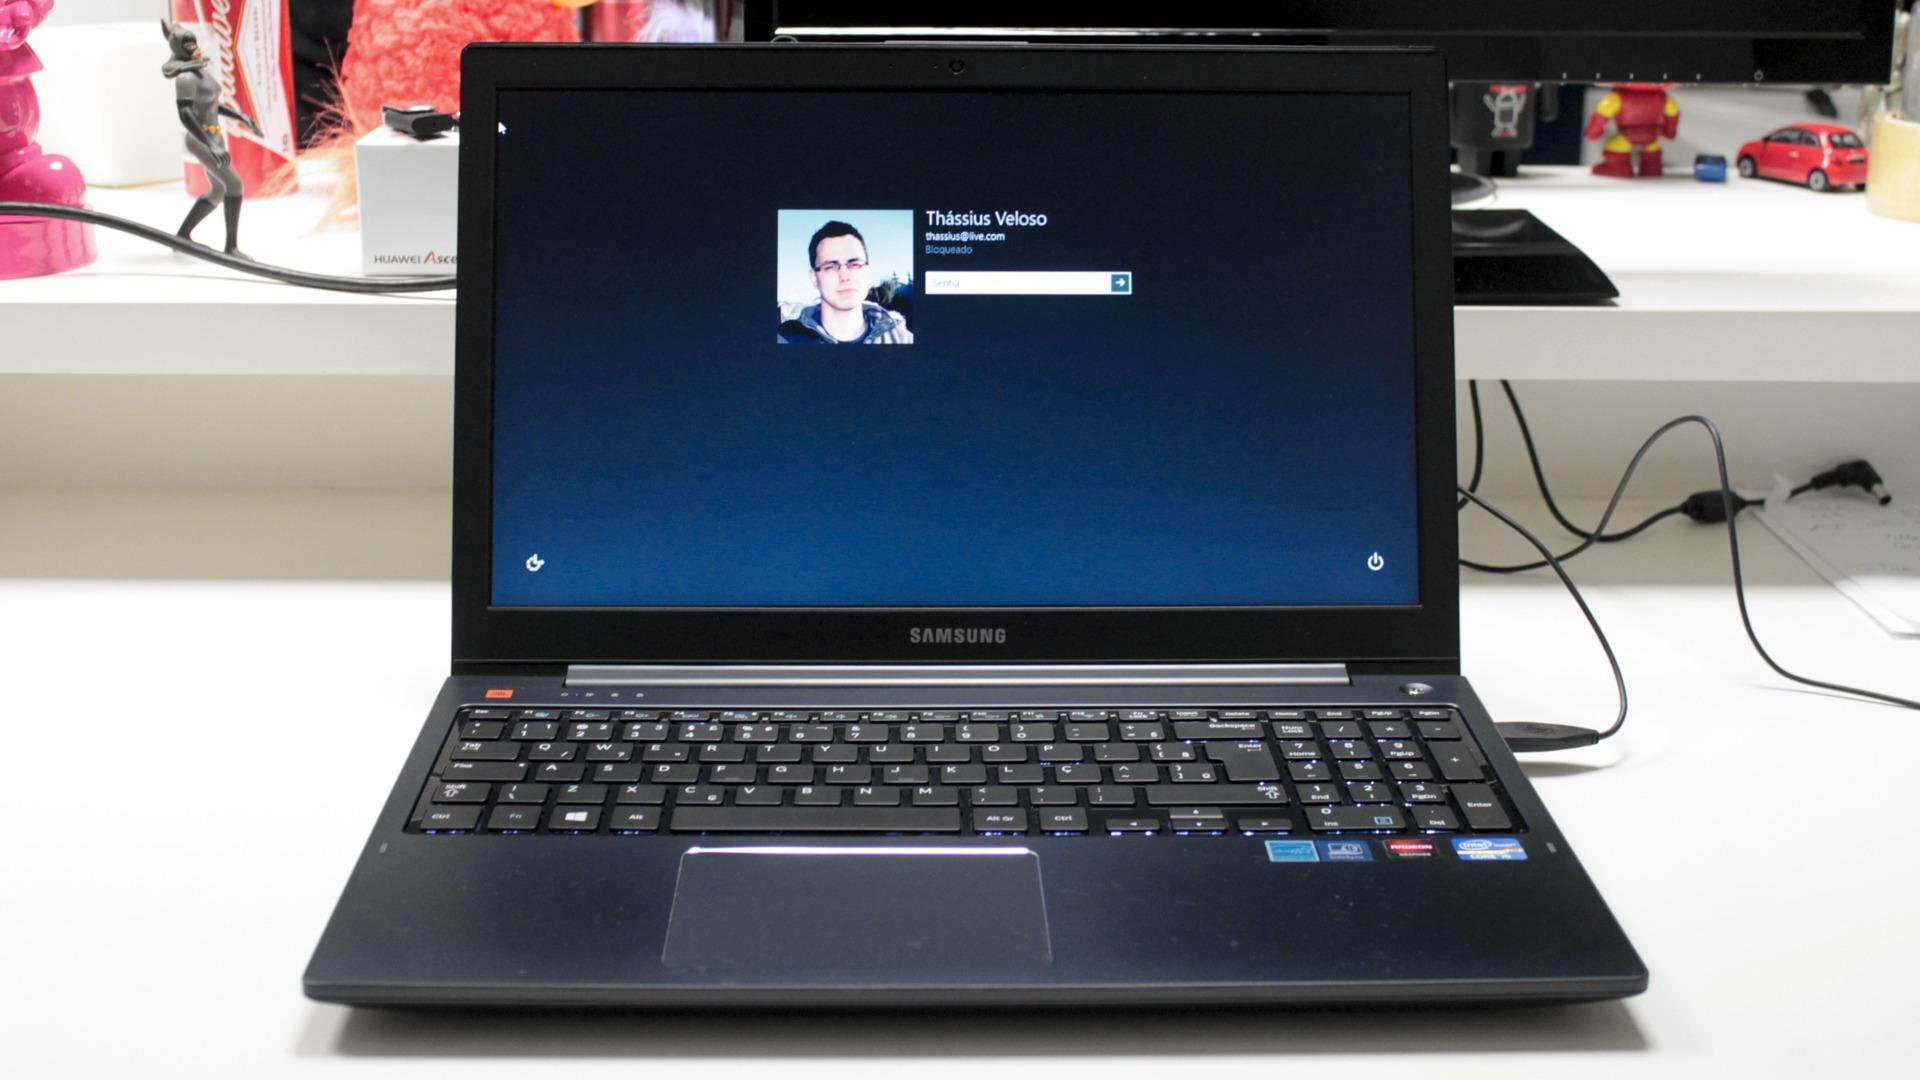 Notebook samsung lançamento 2013 - Repare Em Como A Imagem Vai Ficando Mais Escurecida Na Metade Superior Da Tela Isso